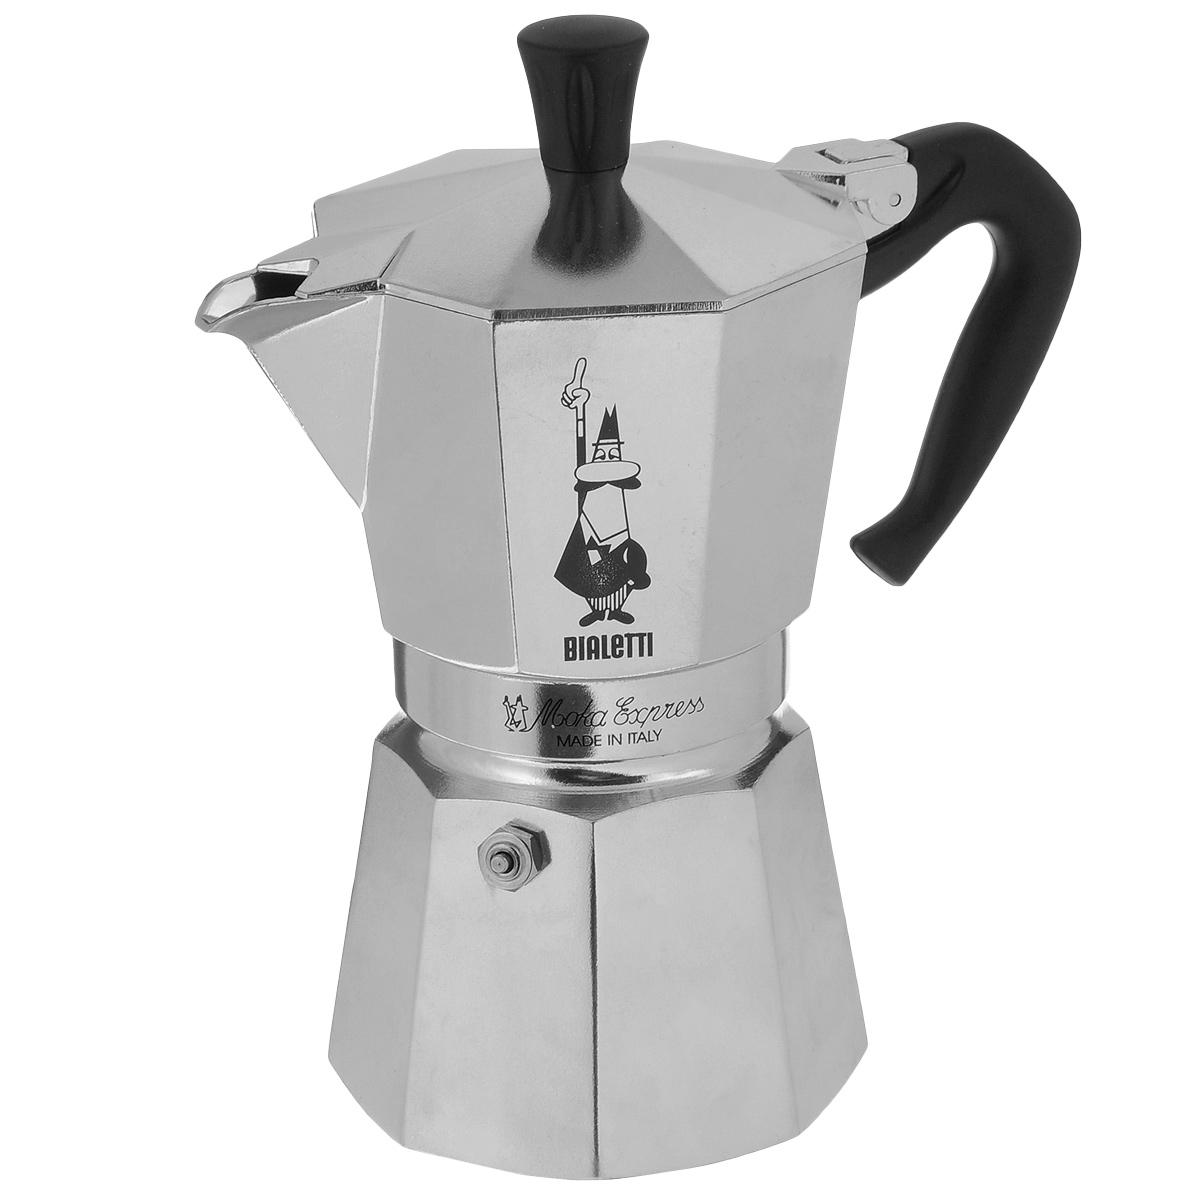 Кофеварка гейзерная Bialetti Moka Express, на 6 чашек, 300 мл115510Компактная гейзерная кофеварка Bialetti Moka Express изготовлена из высококачественного алюминия. Объема кофе хватает на 6 чашек. Изделие оснащено удобной пластиковой ручкой.Принцип работы такой гейзерной кофеварки - кофе заваривается путем многократного прохождения горячей воды или пара через слой молотого кофе. Удобство кофеварки в том, что вся кофейная гуща остается во внутренней емкости. Гейзерные кофеварки пользуются большой популярностью благодаря изысканному аромату. Кофе получается крепкий и насыщенный. Теперь и дома вы сможете насладиться великолепным эспрессо. Подходит для газовых, электрических и стеклокерамических плит. Нельзя мыть в посудомоечной машине. Объем: 300 мл.